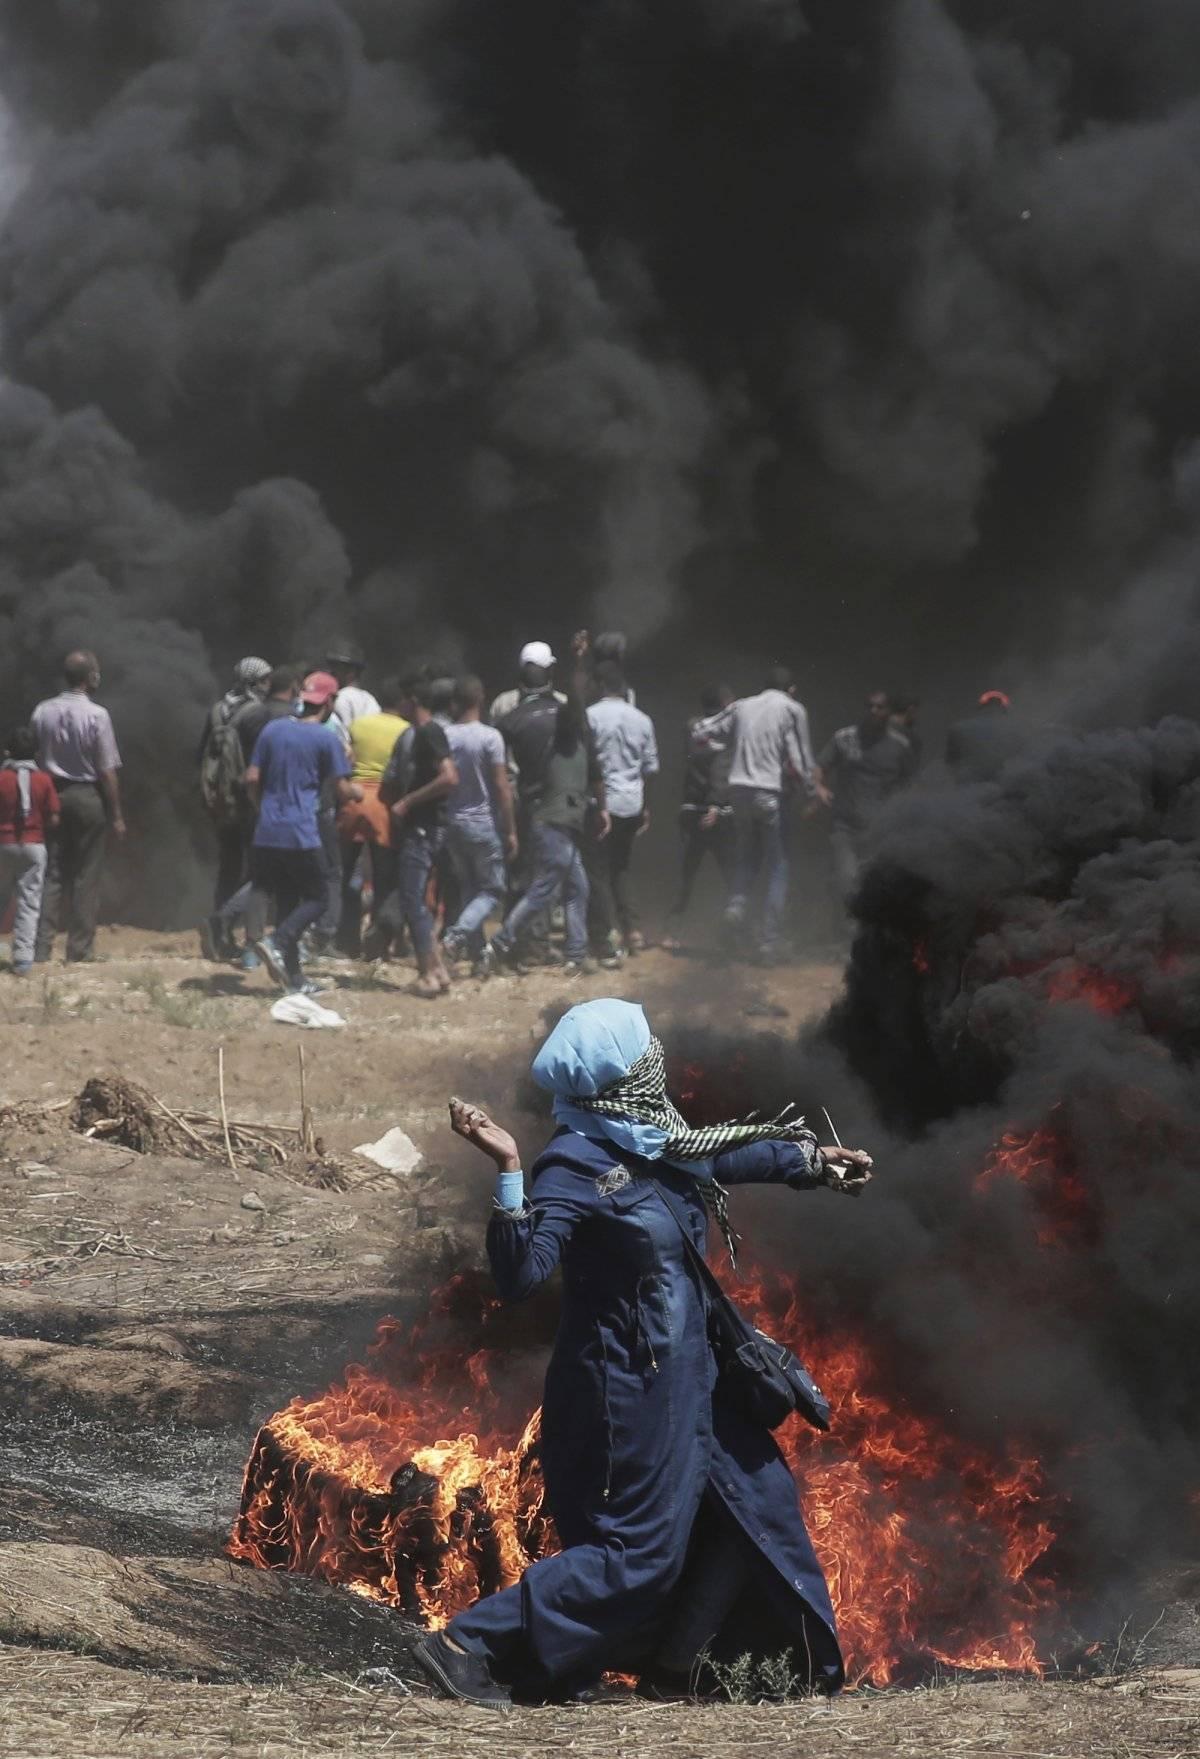 Una mujer palestina arroja piedras contra las tropas israelíes durante una protesta en la frontera de la Franja de Gaza con Israel, el lunes 14 de mayo de 2018. El fuego israelí ha matado a decenas de palestinos durante protestas masivas a lo largo de la